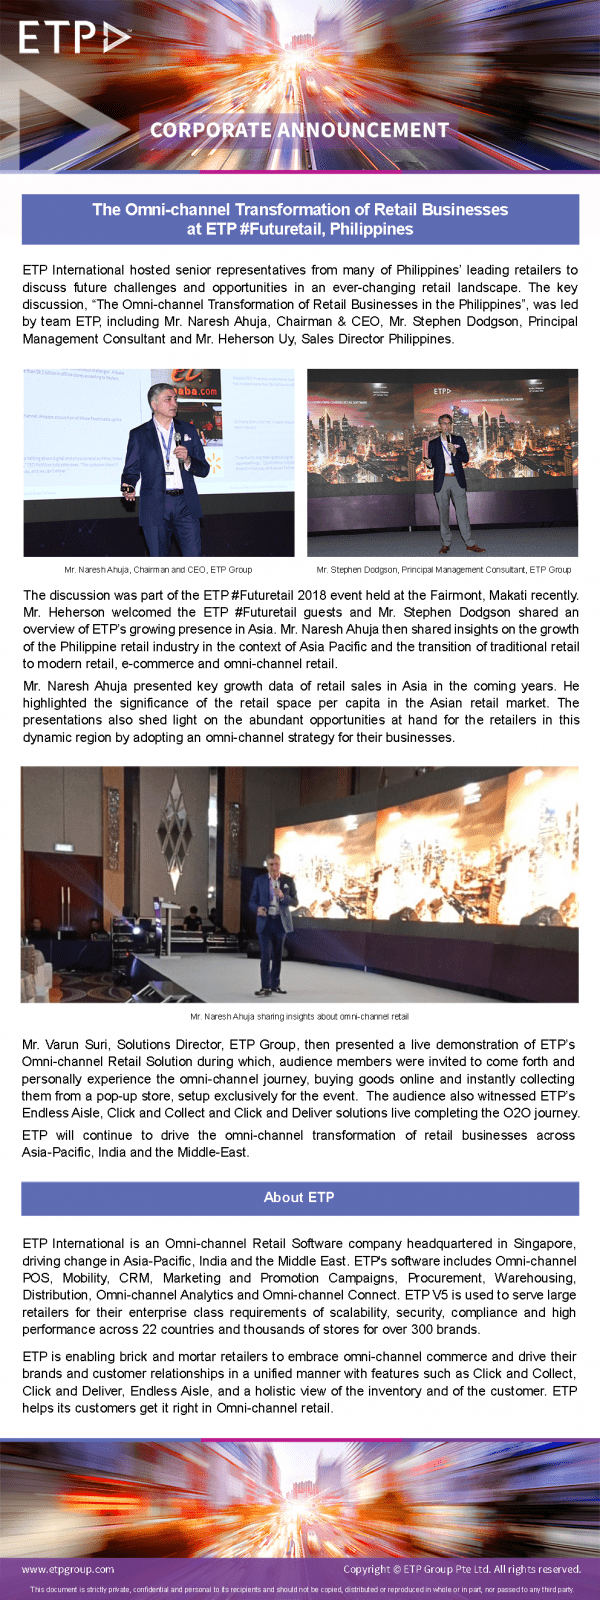 ETP #Futuretail, Philippines